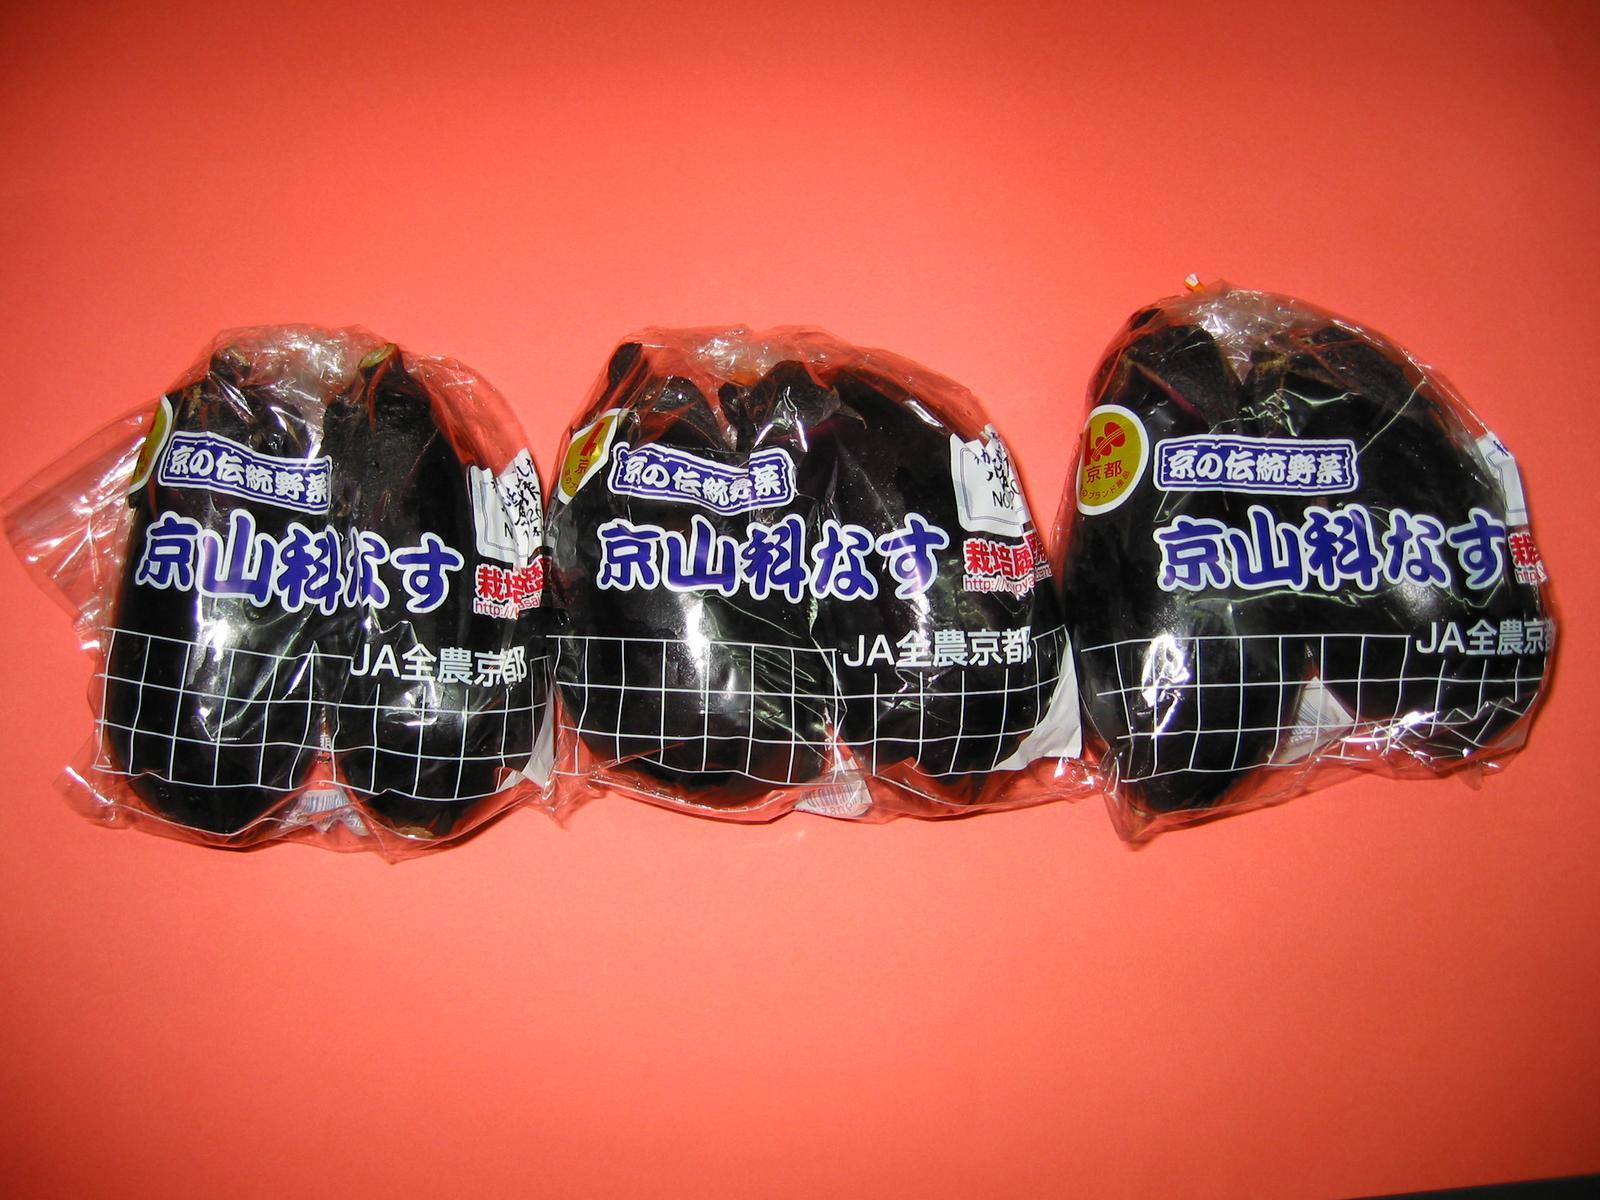 京都直送仲卸中西青果厳選京野菜山科なす2個入1袋